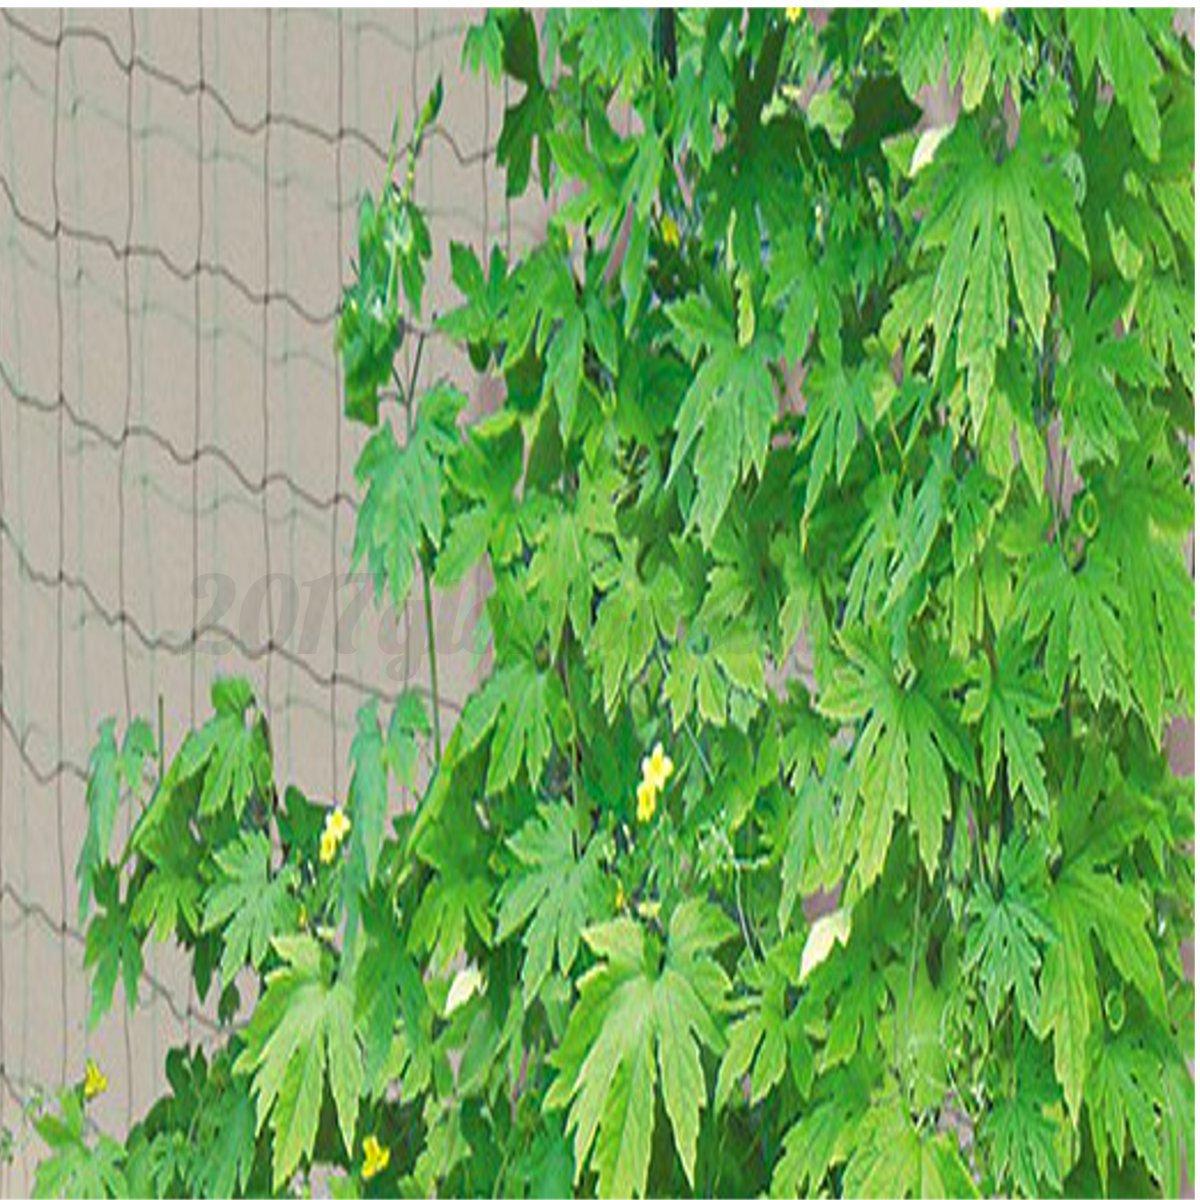 1st Grün Gartennetz Netz Garten Gemüse Pflanzen Net Mesh Schutz ...